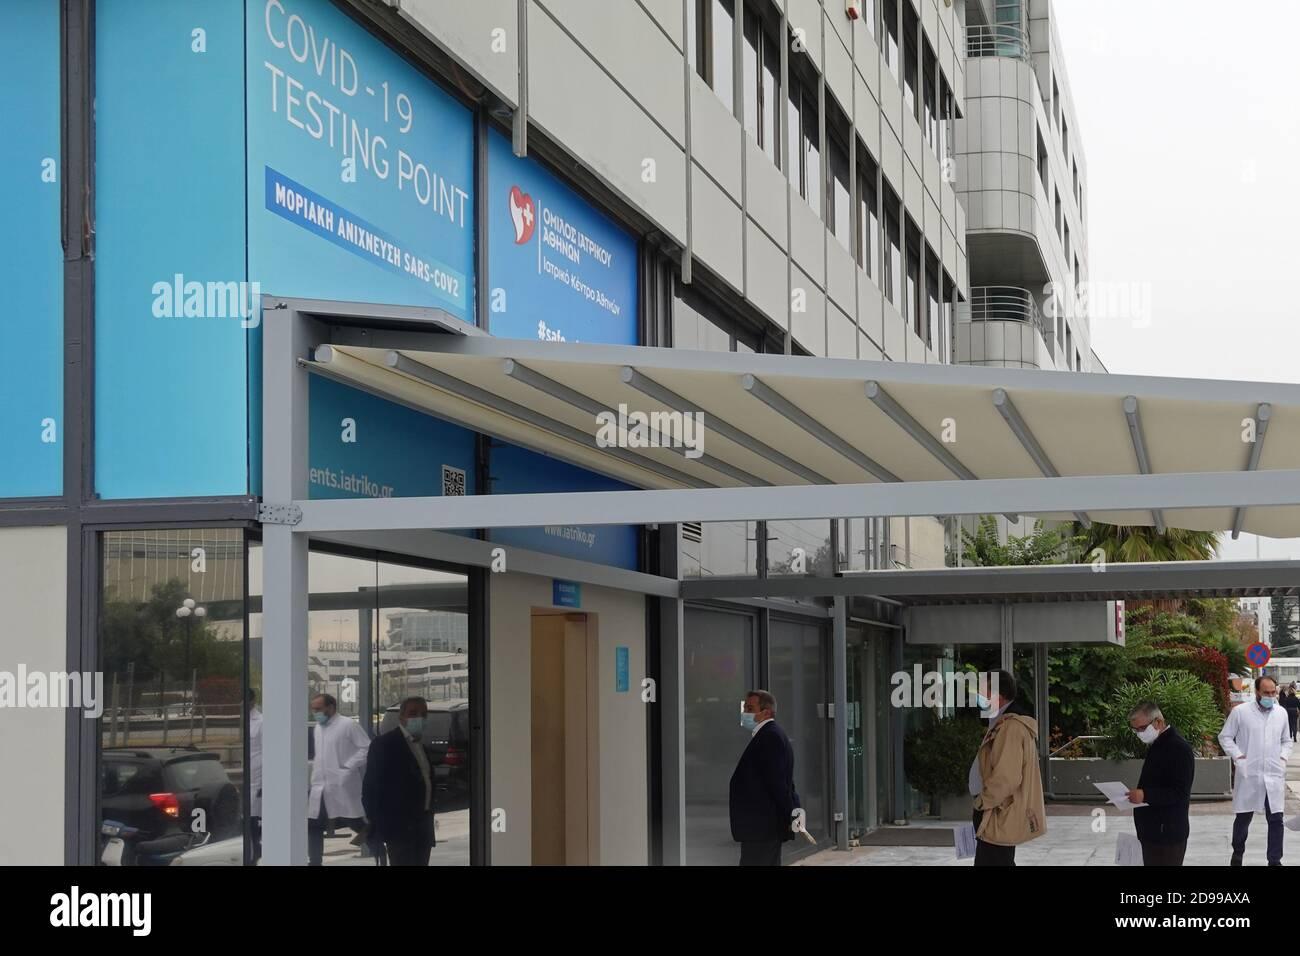 Atene, Grecia - 3 novembre 2020: Persone in attesa in coda al covid-19 coronavirus test point. Rilevazione molecolare del virus sars-COV-2. Foto Stock